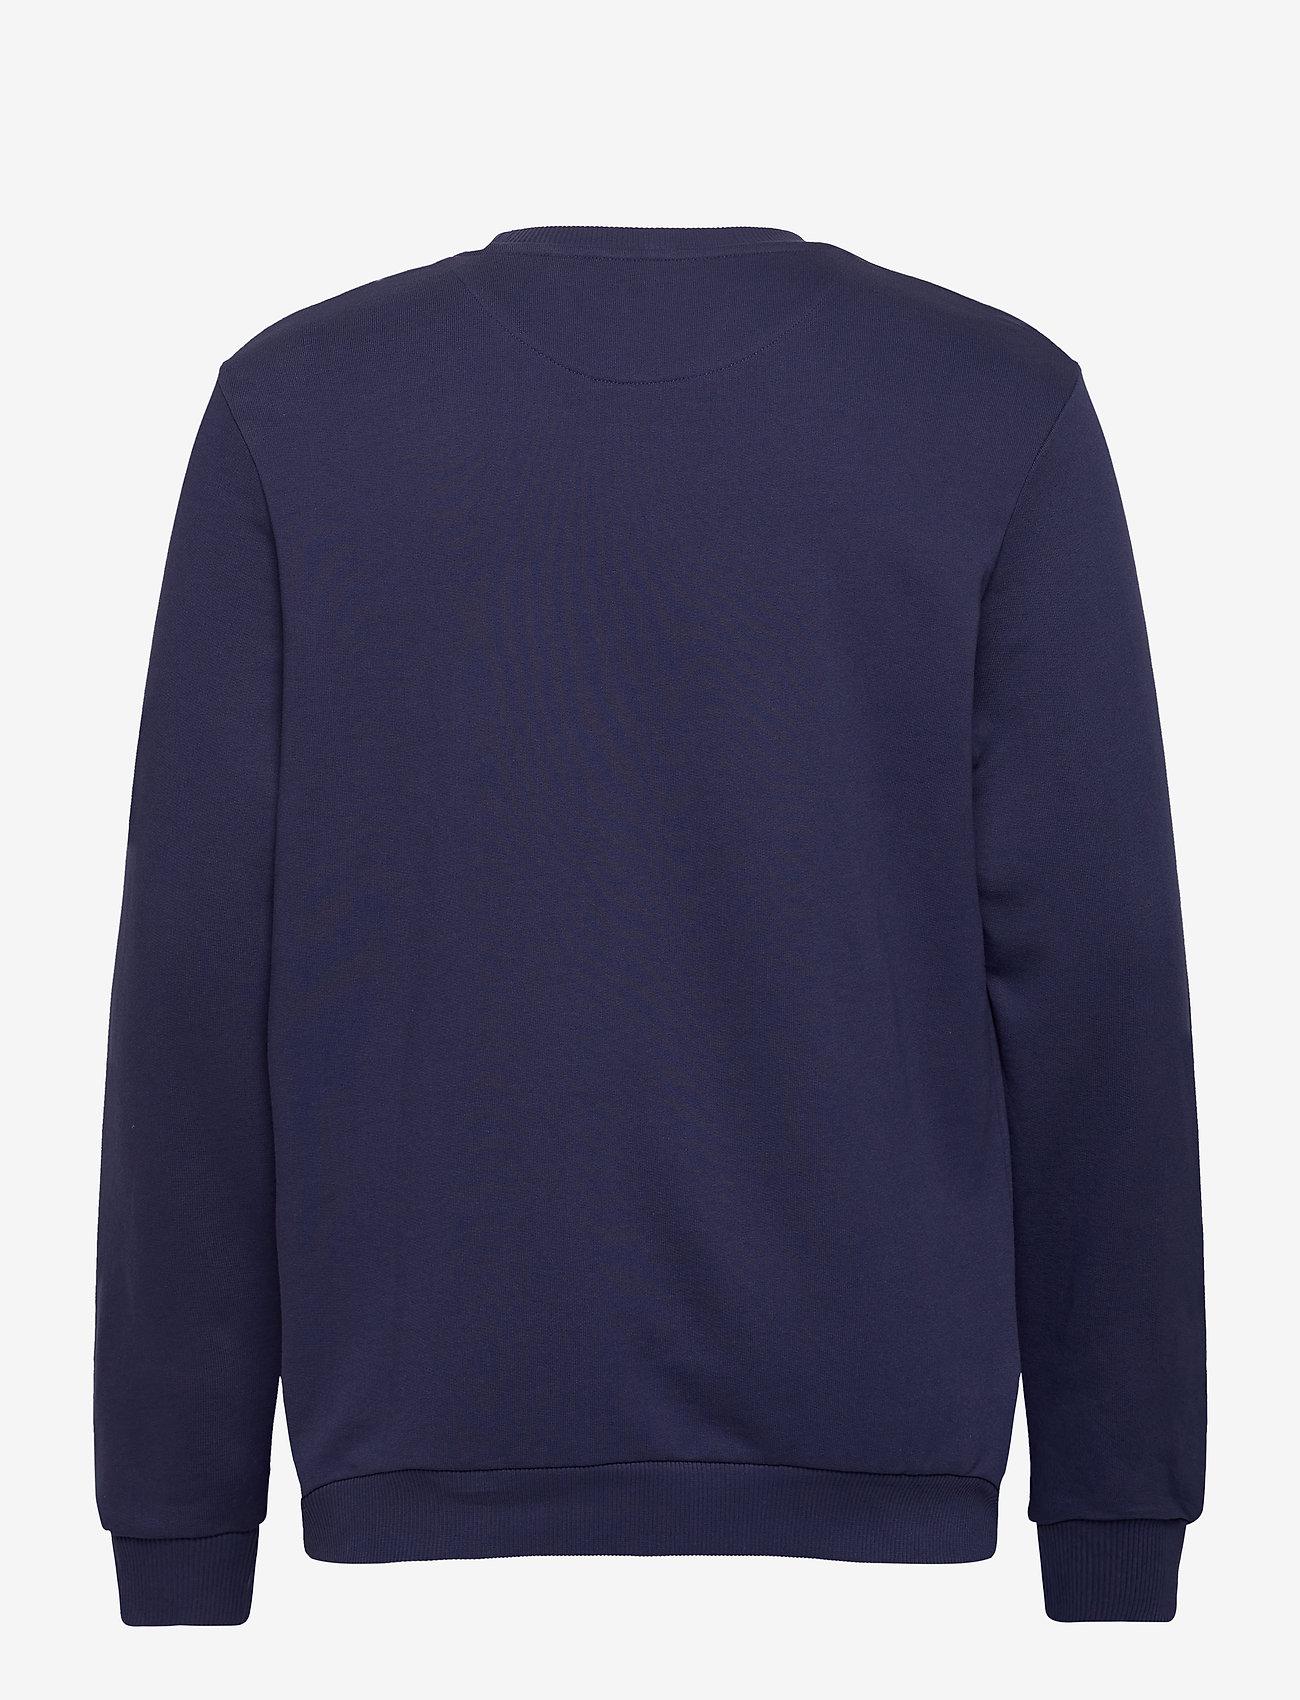 Lyle & Scott Crest Sweatshirt - Sweatshirts NAVY - Menn Klær